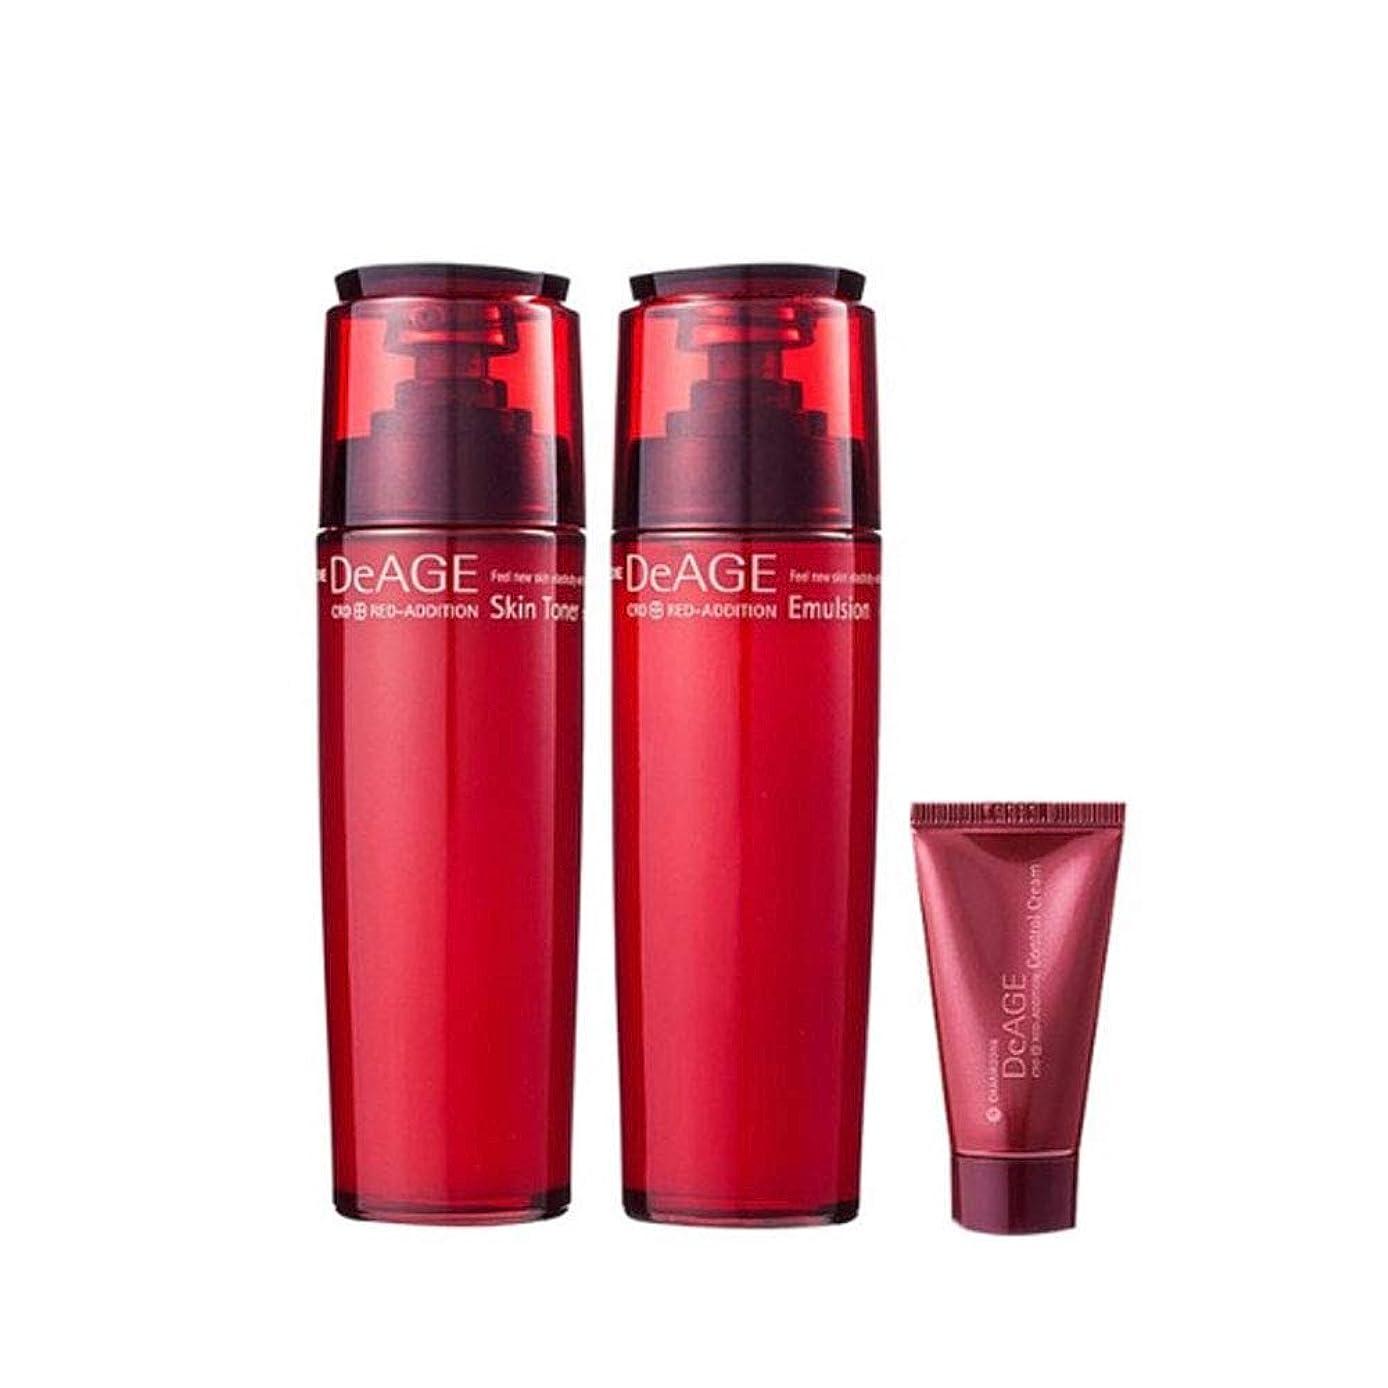 他の場所拒絶子音チャムジョンディエイジレッドエディションセット(スキントナー130ml、エマルジョン130ml、コントロールクリーム15ml)、Charmzone DeAGE Red Addition Set(Skin Toner 130ml、Emulsion 130ml、Control Cream 15ml) [並行輸入品]